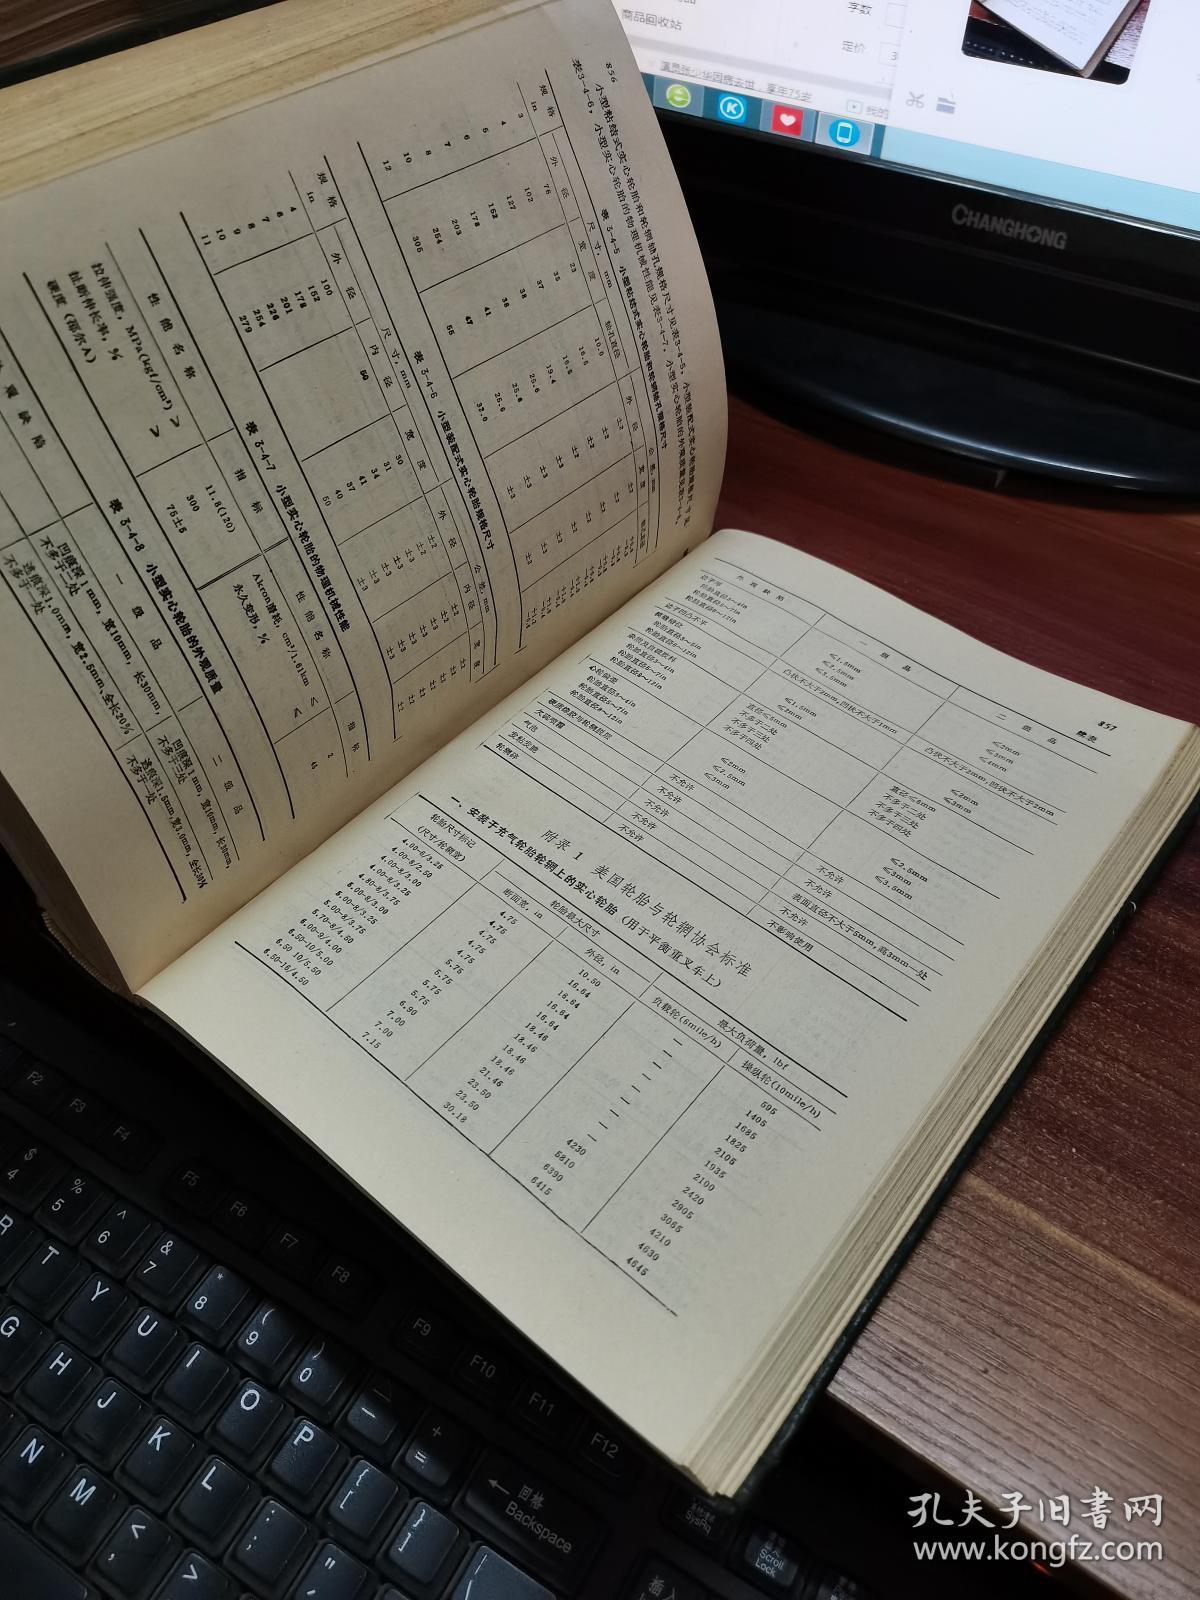 橡胶工业手册(修订版) 第四分册 轮胎